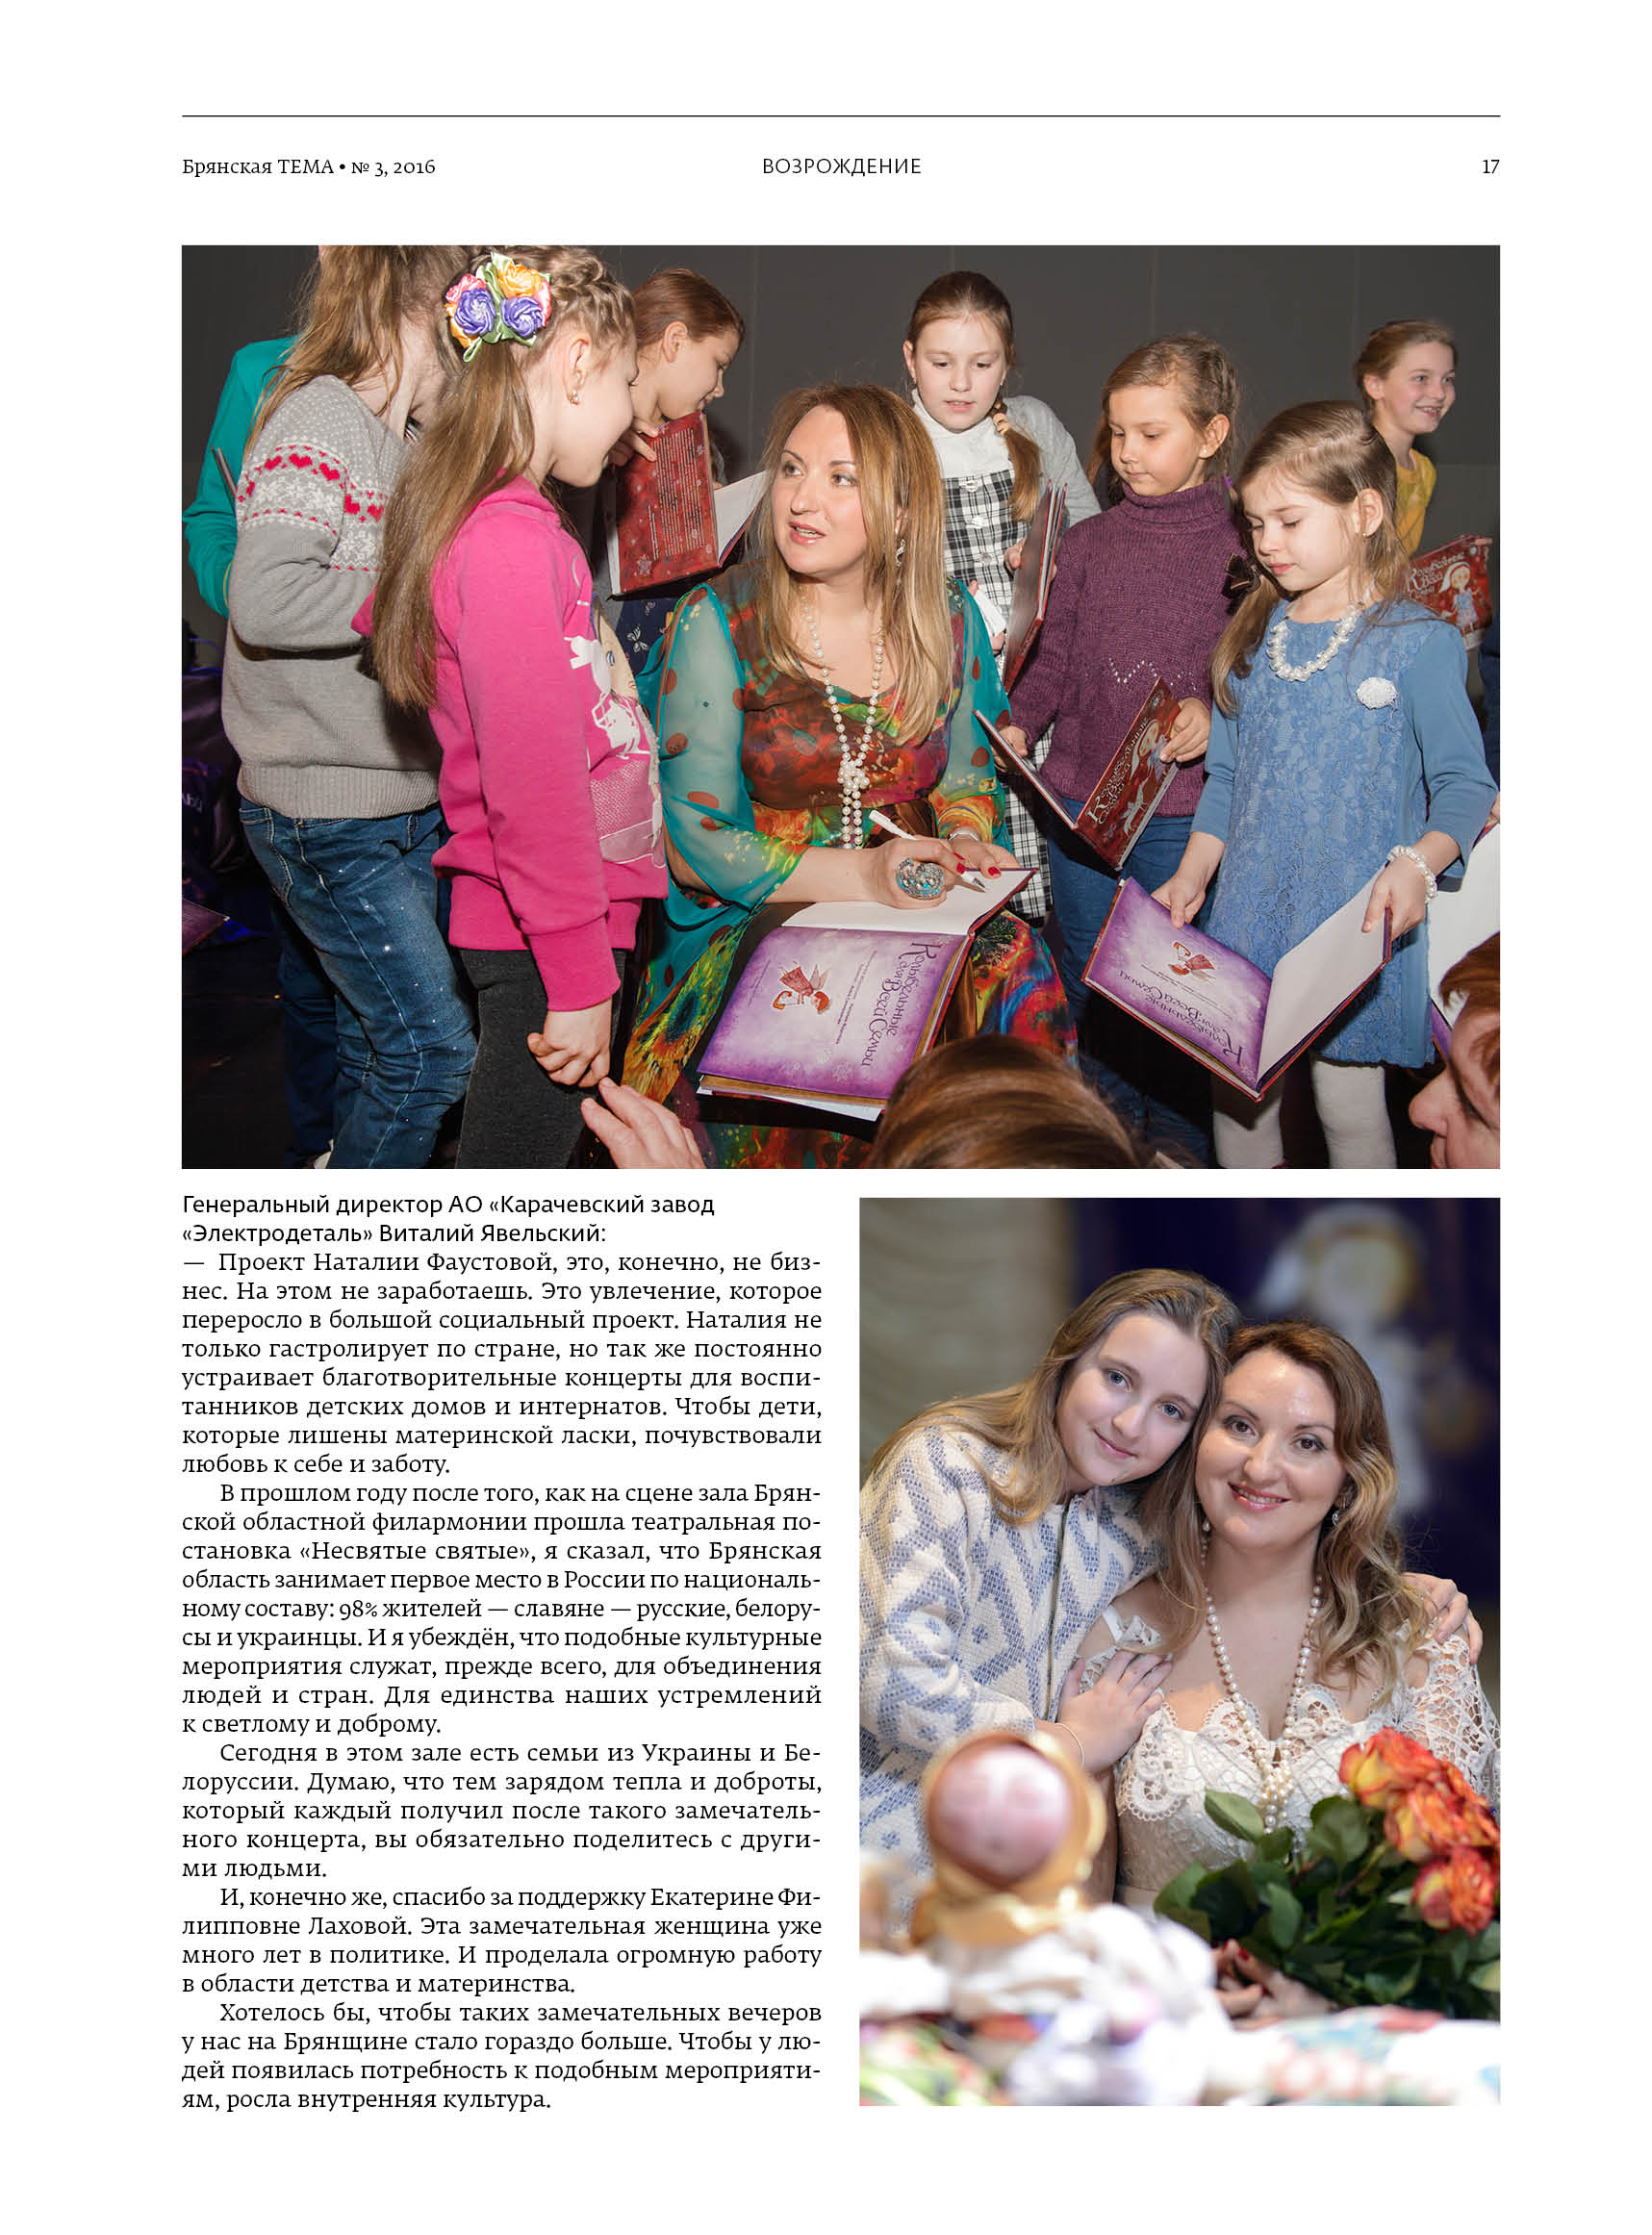 """Интервью Наталии Фаустовой журналу """"Брянская ТЕМА"""", стр. 4"""